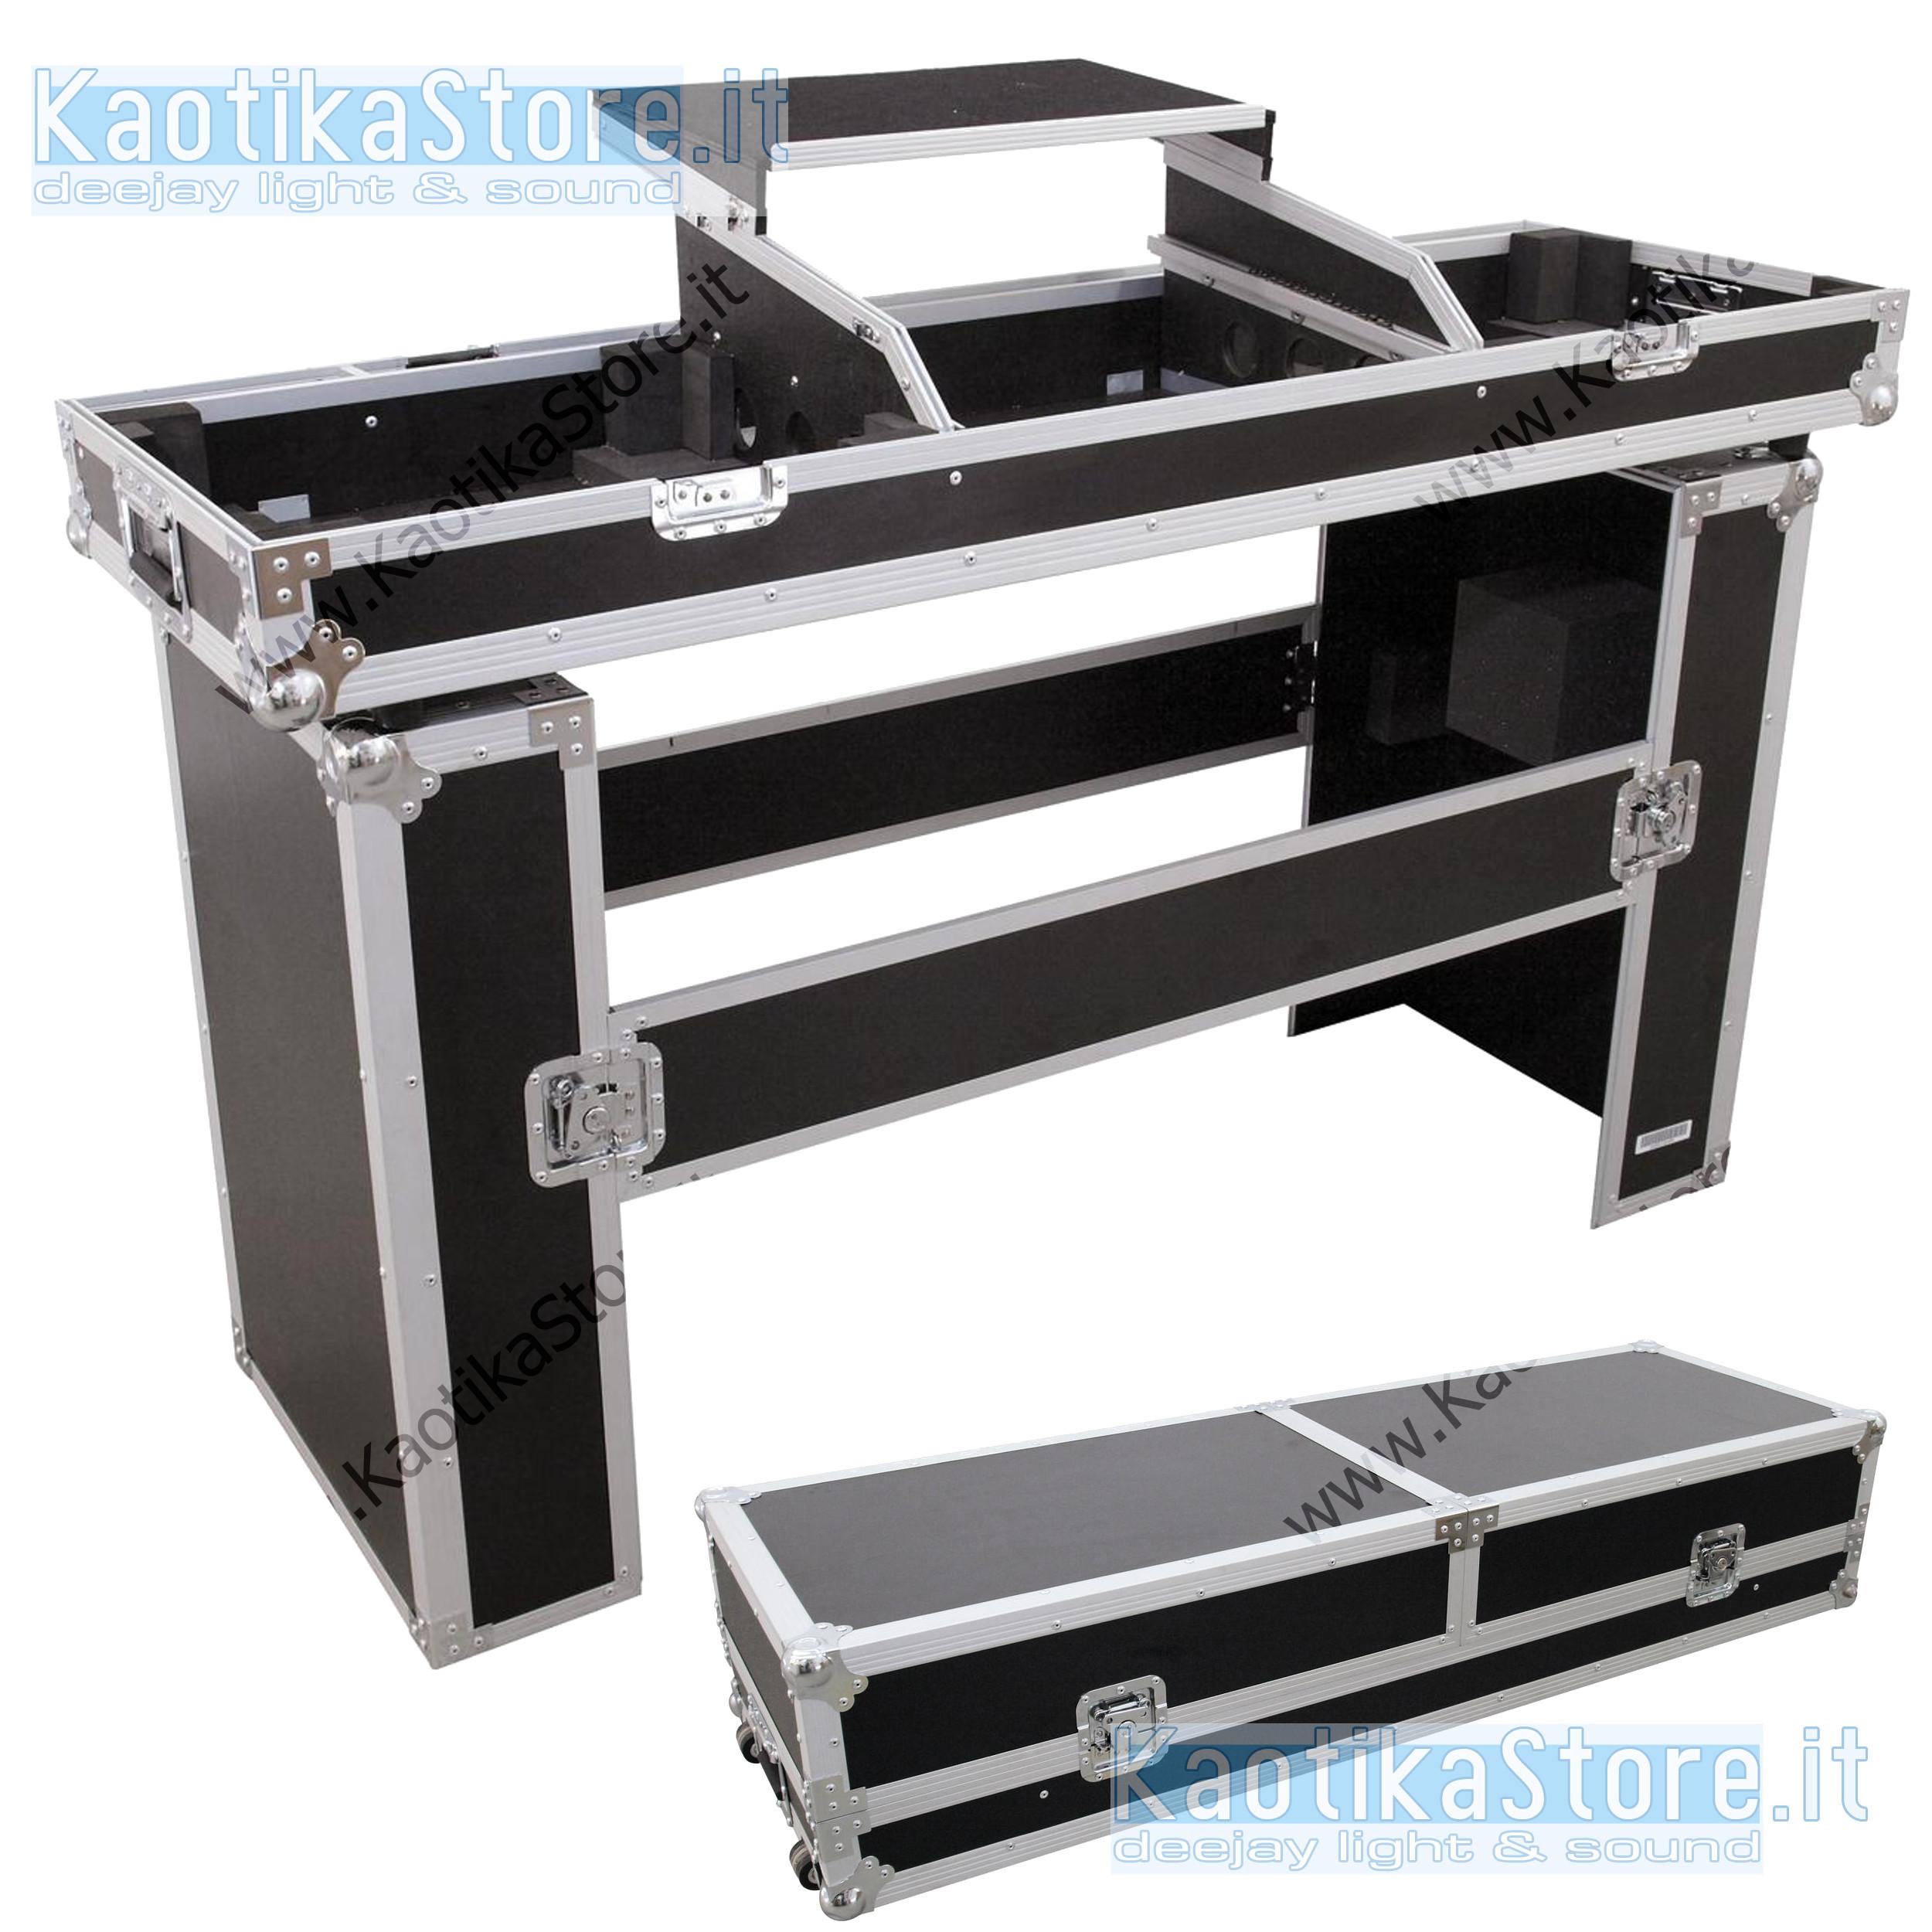 Mobili Porta Computer Prezzo.Flightcase Mobile Dj Valigia Trasporto Consolle Cdj Piatti Mixer